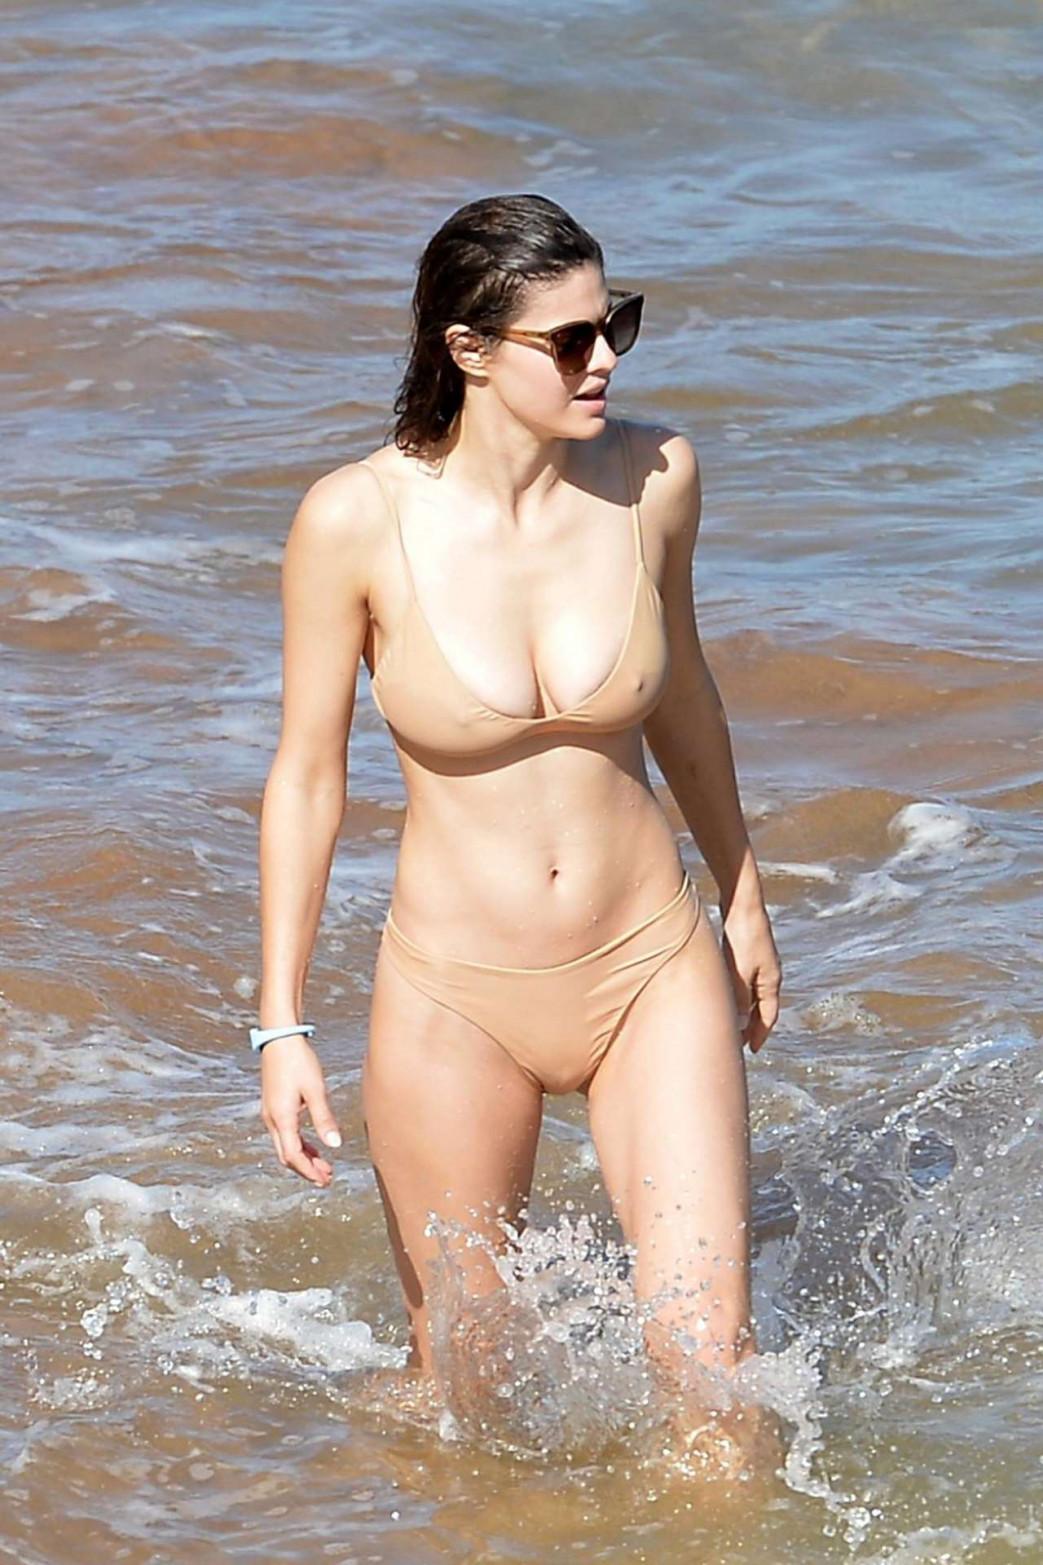 Alexandra-Daddario-Pokies-and-Wedgie-Picking-In-Wet-Bikini-6.jpg